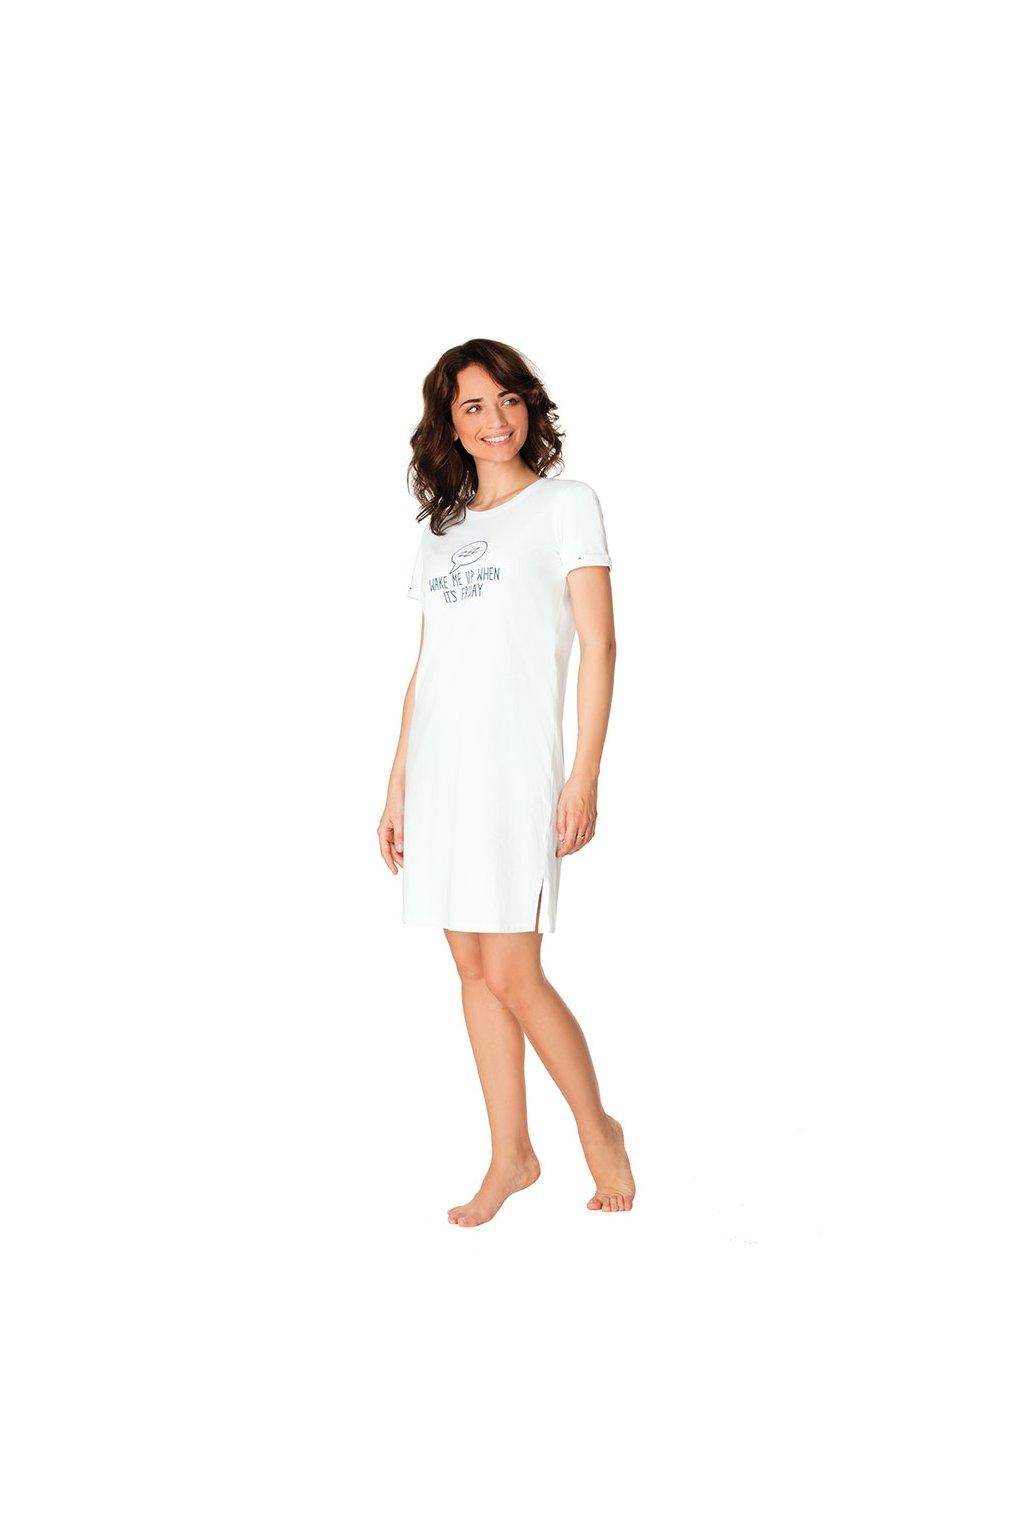 Dámská noční košile s krátkým rukávem, 104439 312, perlová